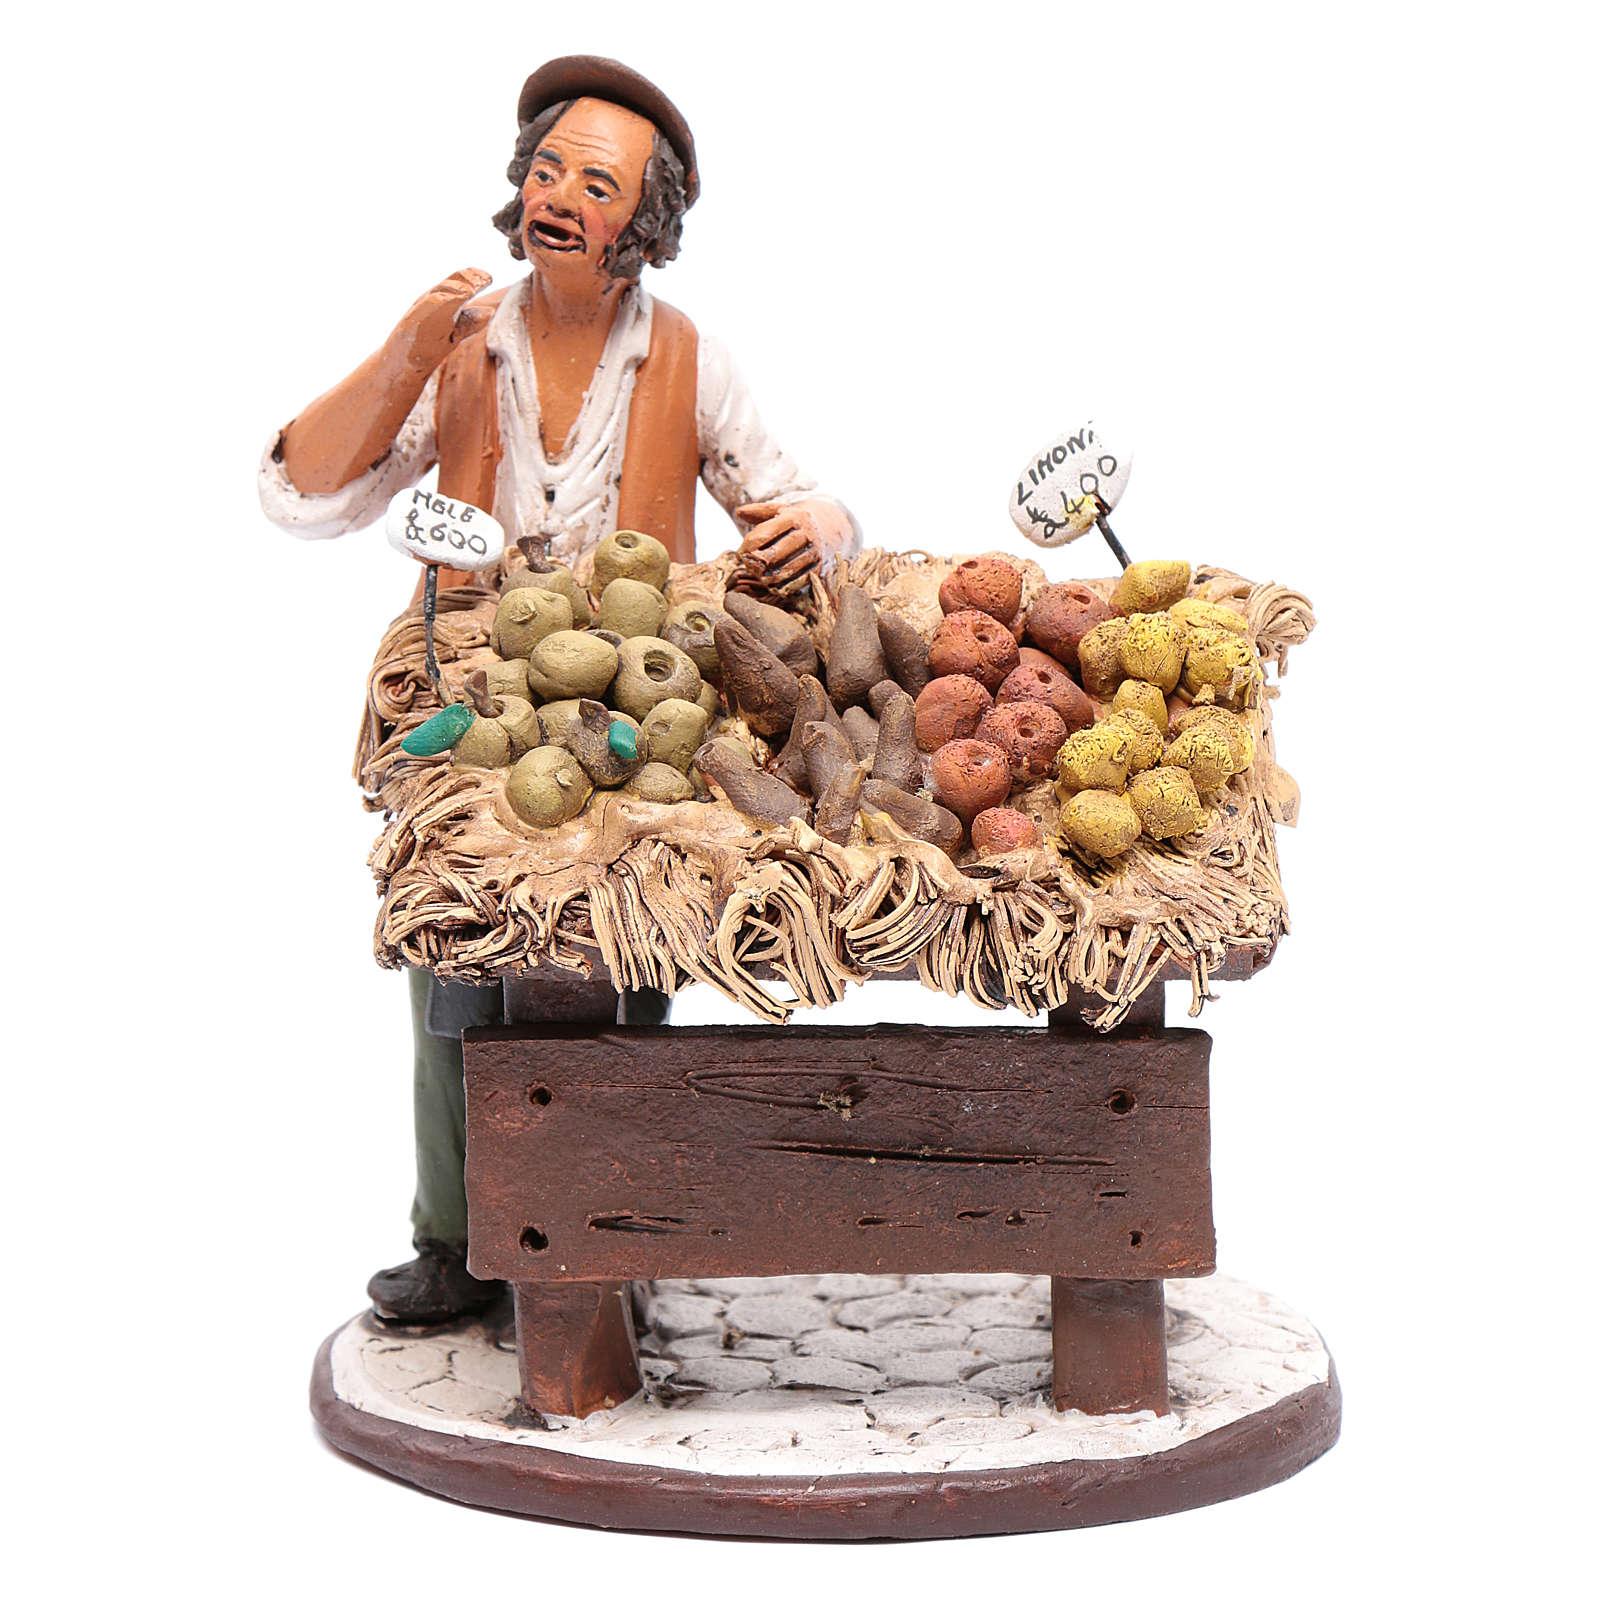 Homme avec étalage fruit crèche Deruta 18 cm en terre cuite 4